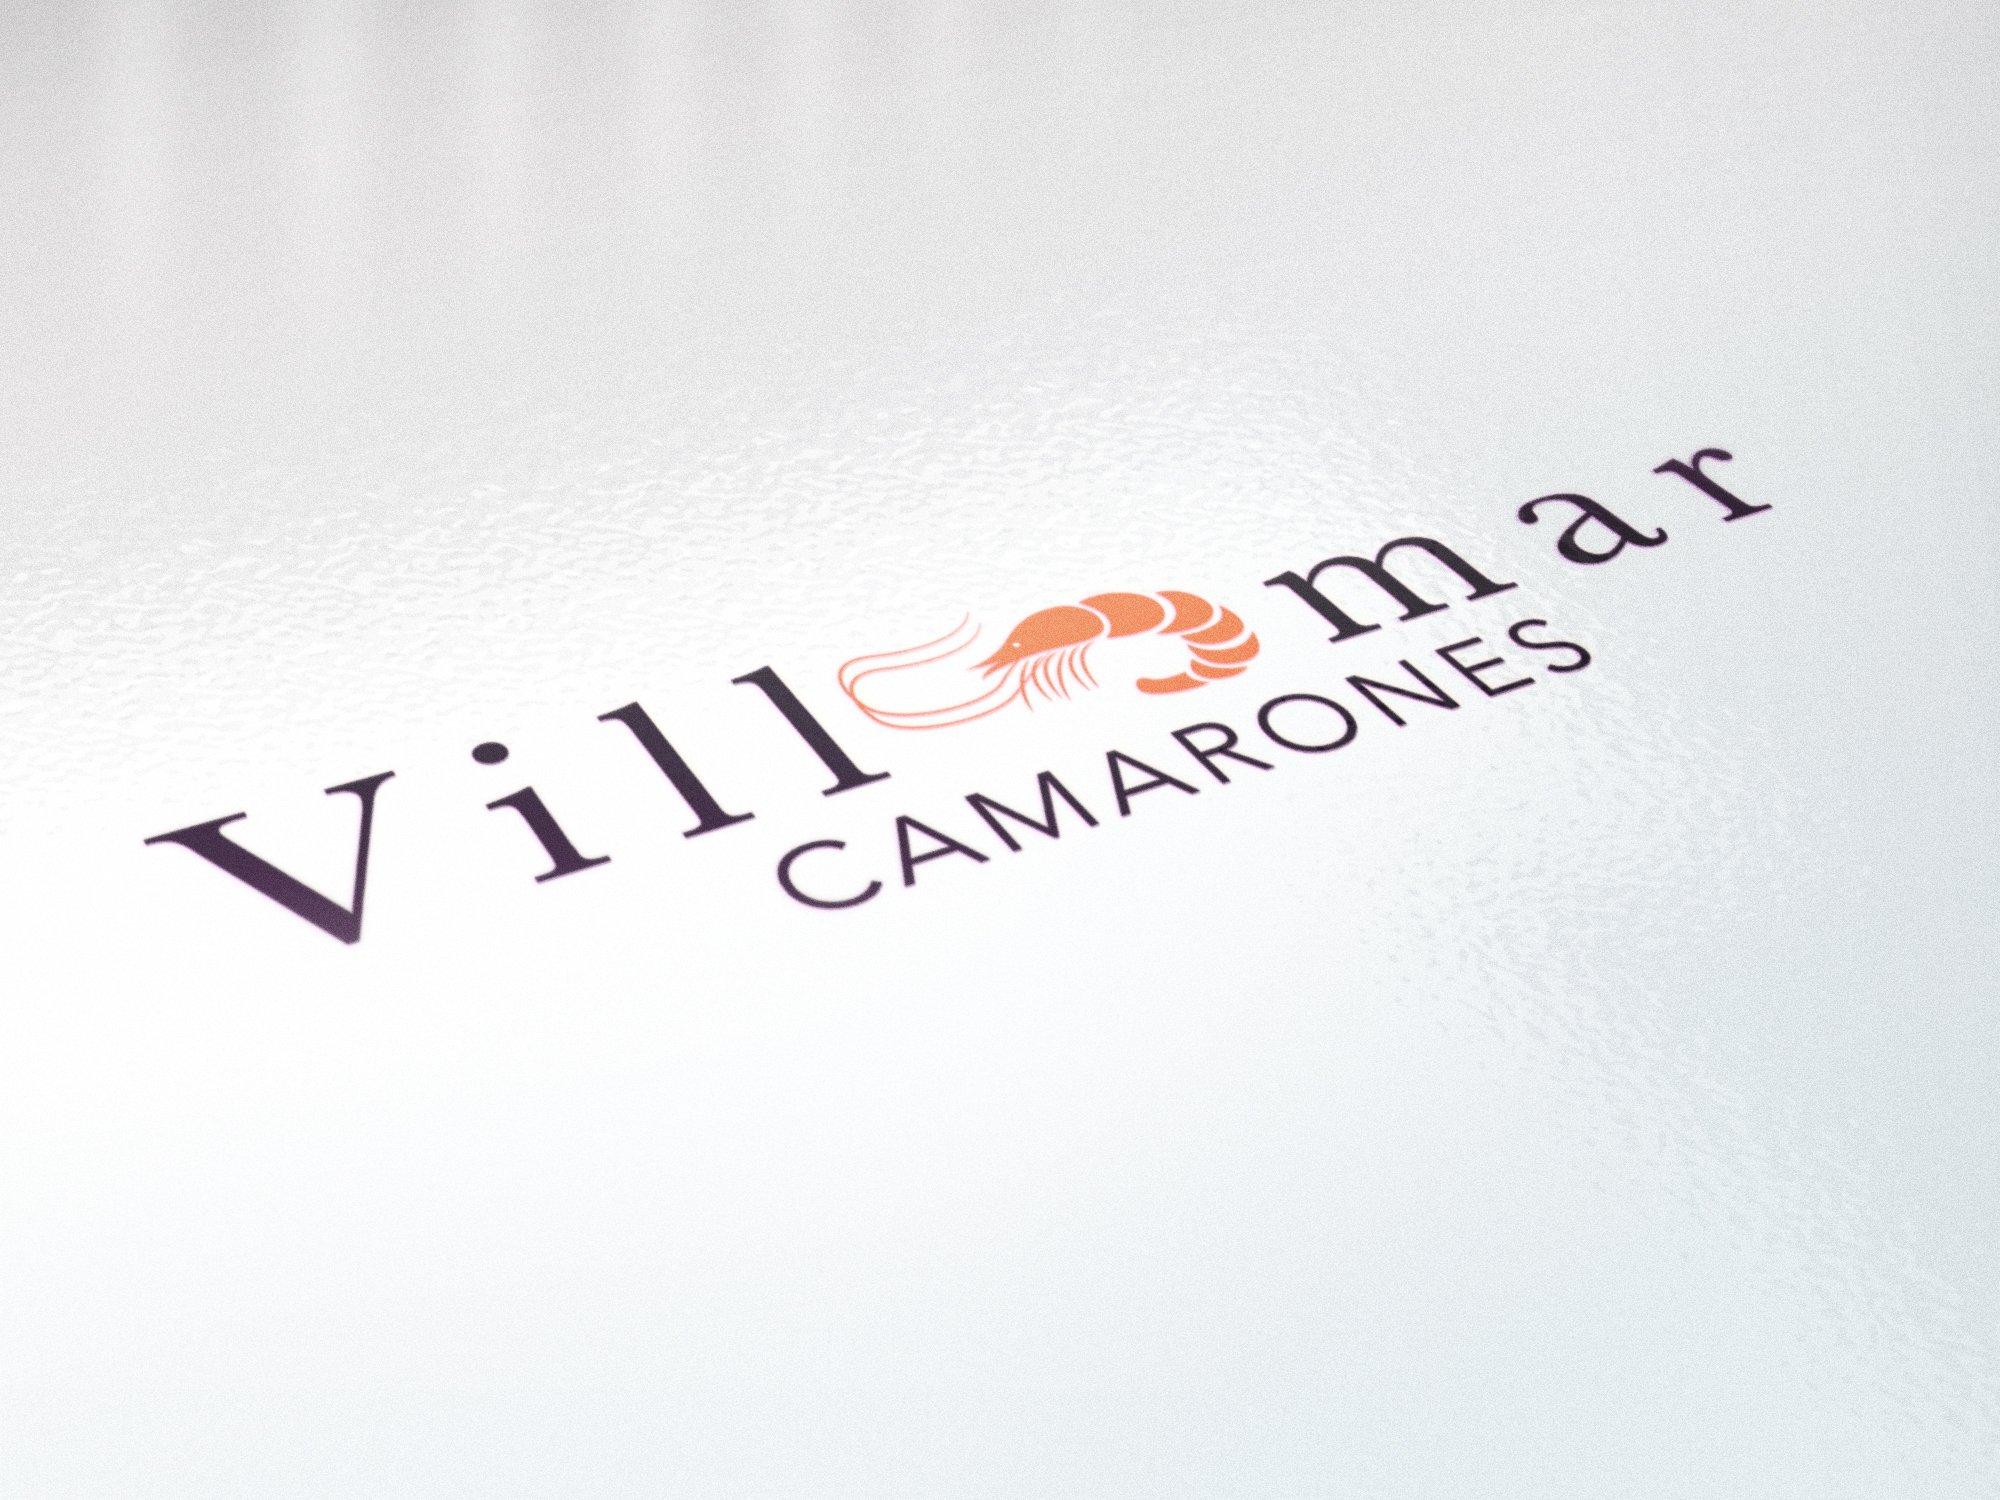 Villamar